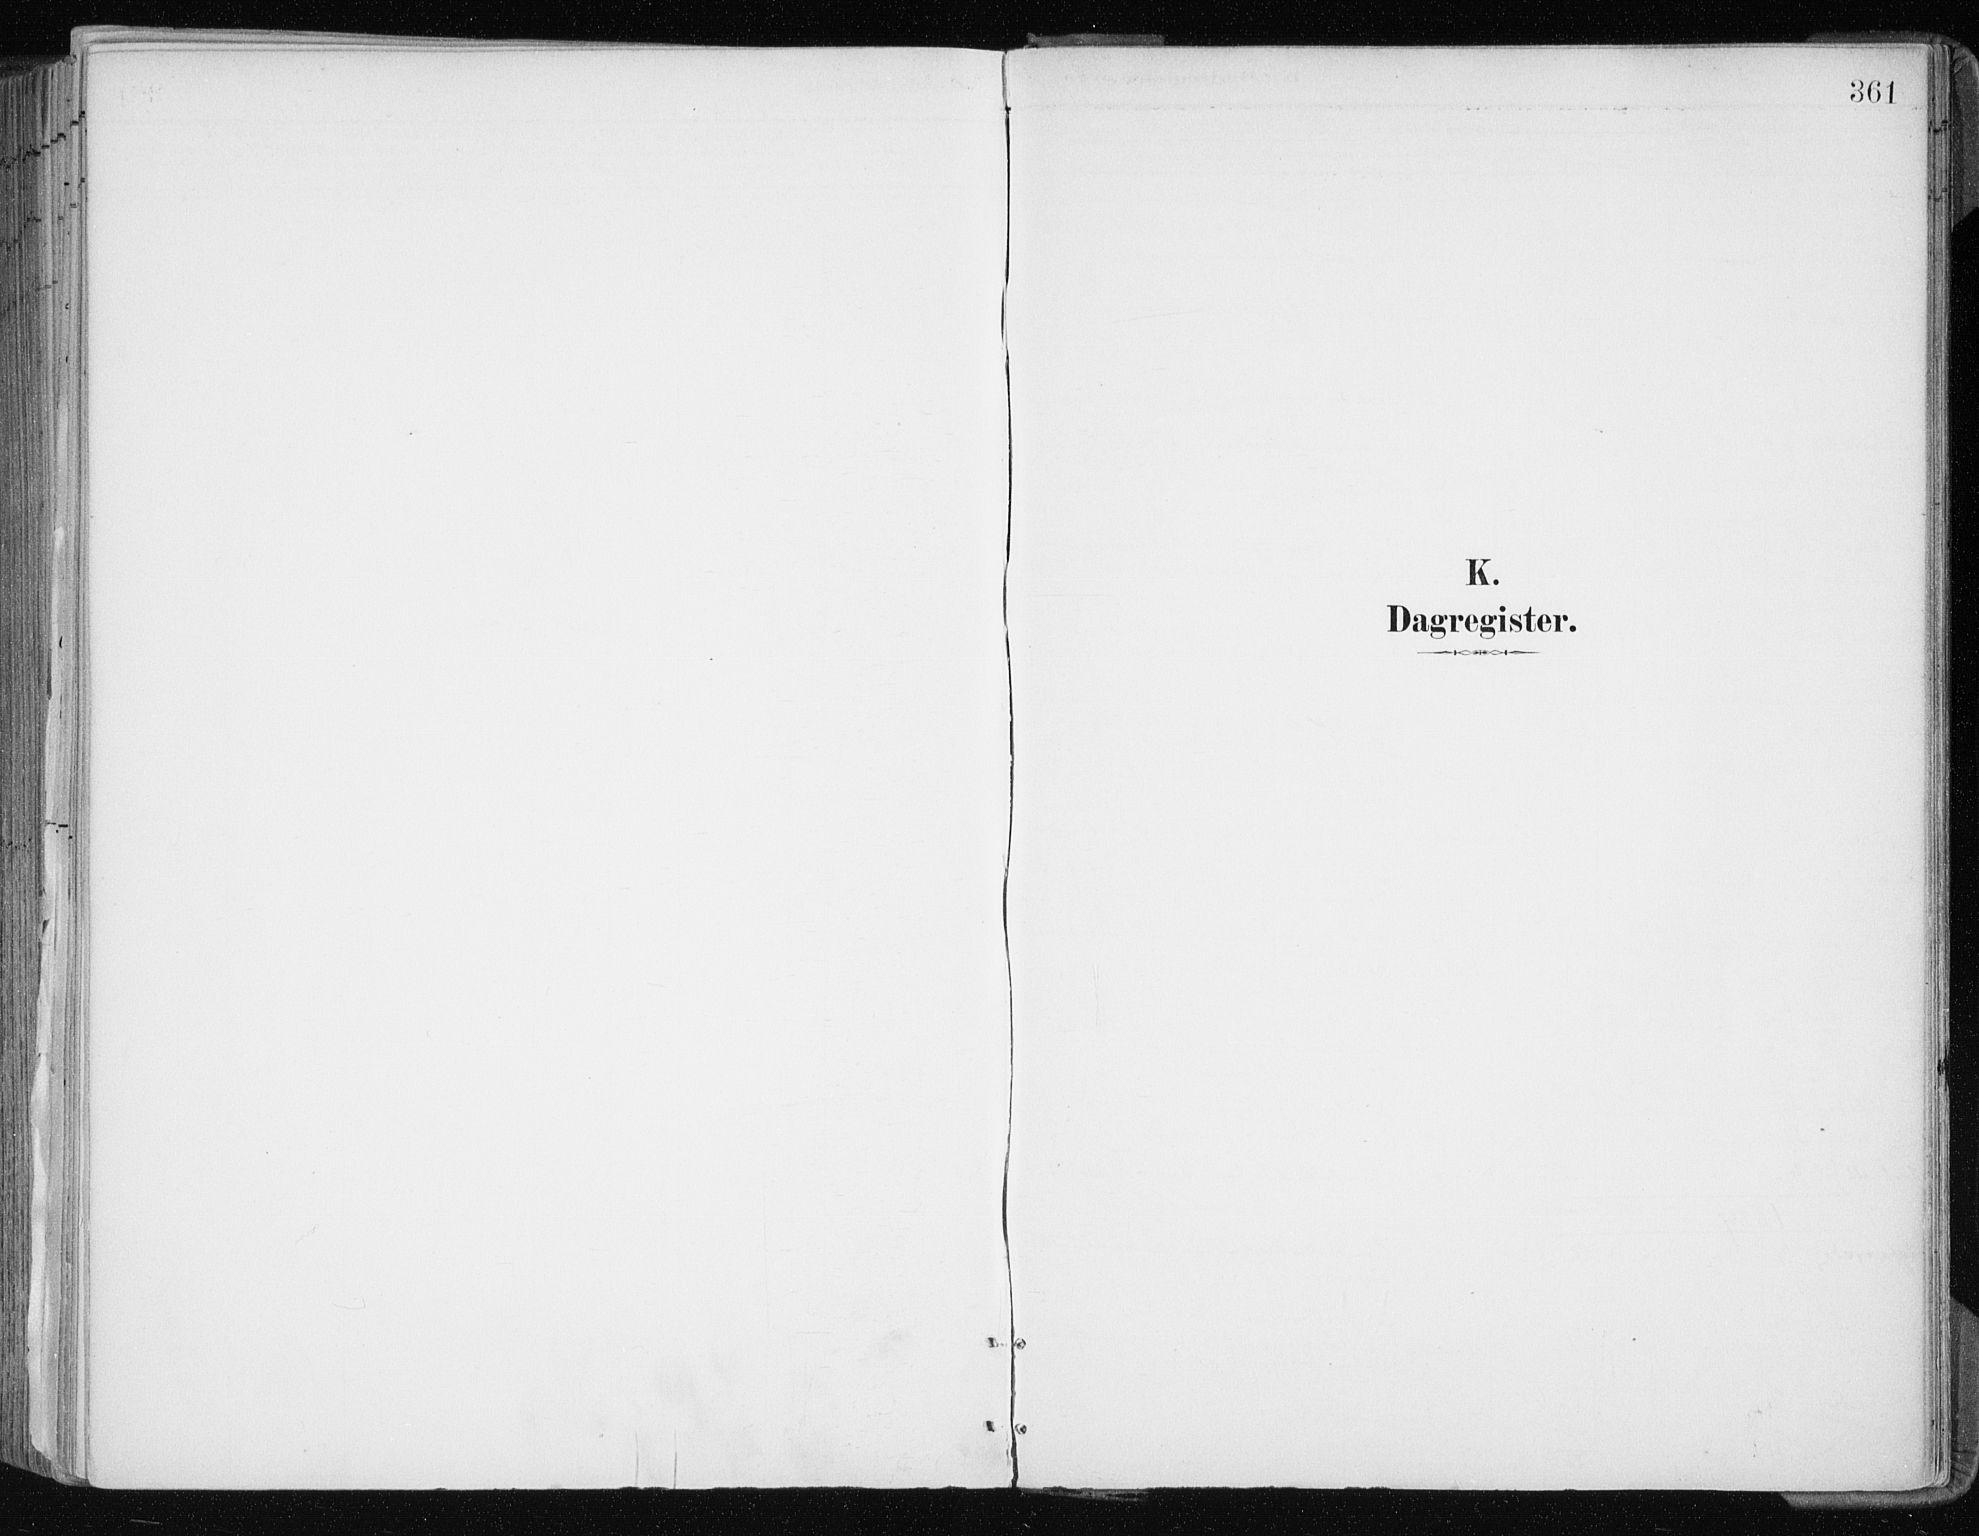 SATØ, Tromsøysund sokneprestkontor, G/Ga/L0005kirke: Ministerialbok nr. 5, 1888-1896, s. 361